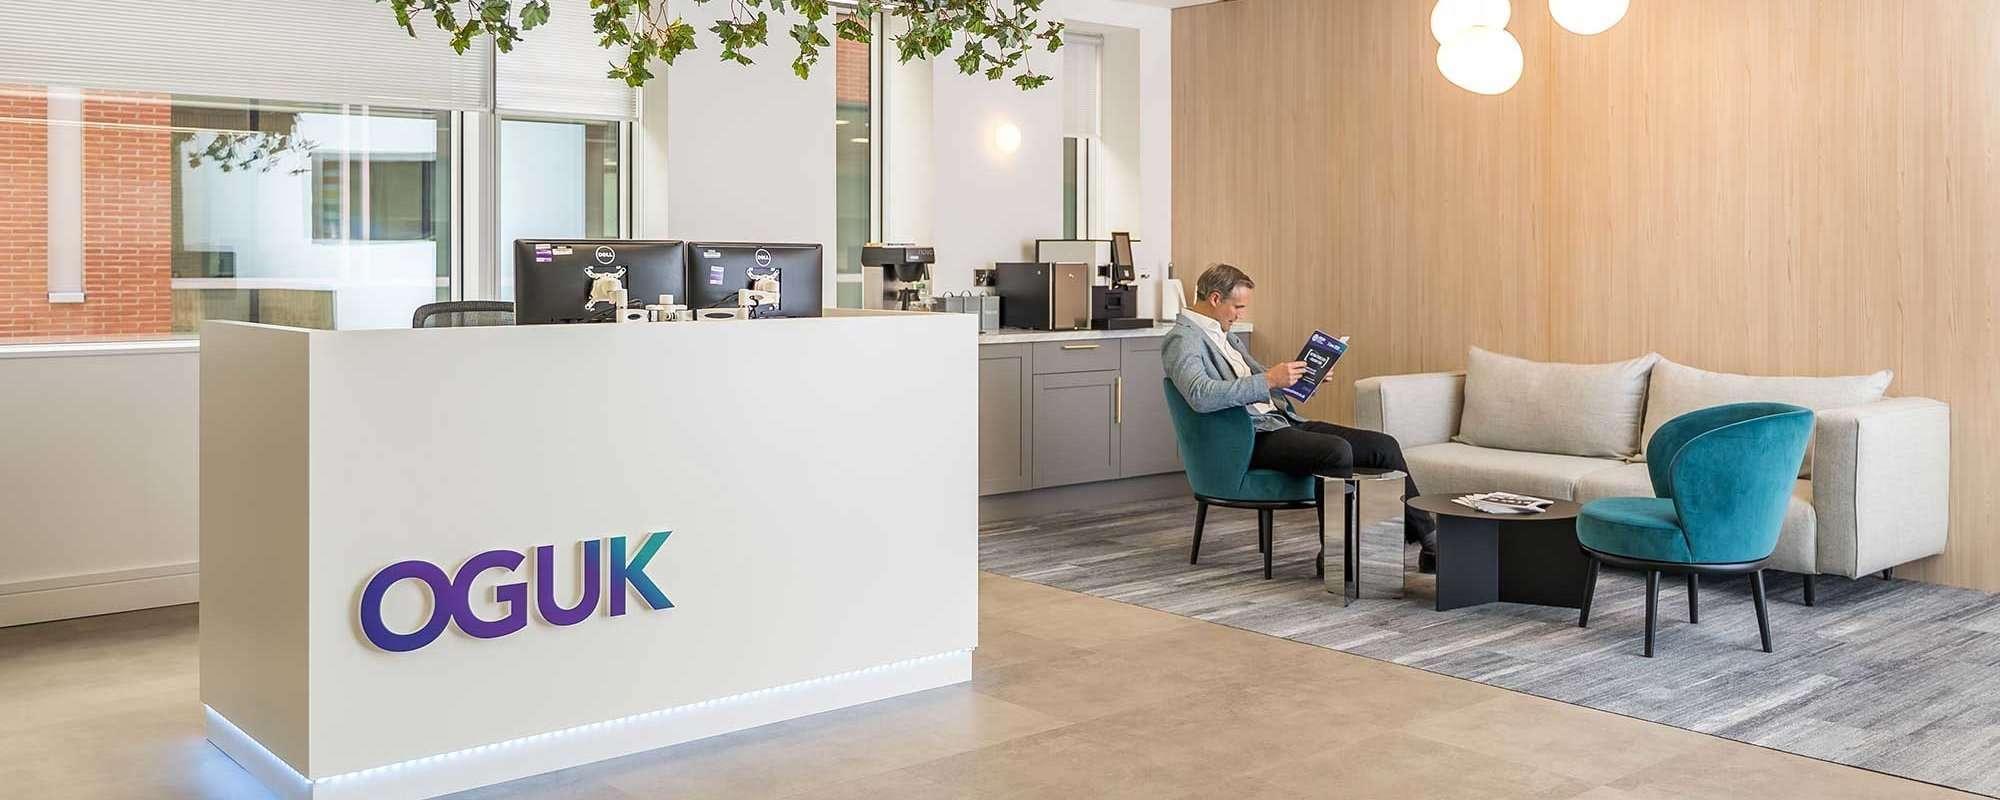 Office Design And Build For OGUK